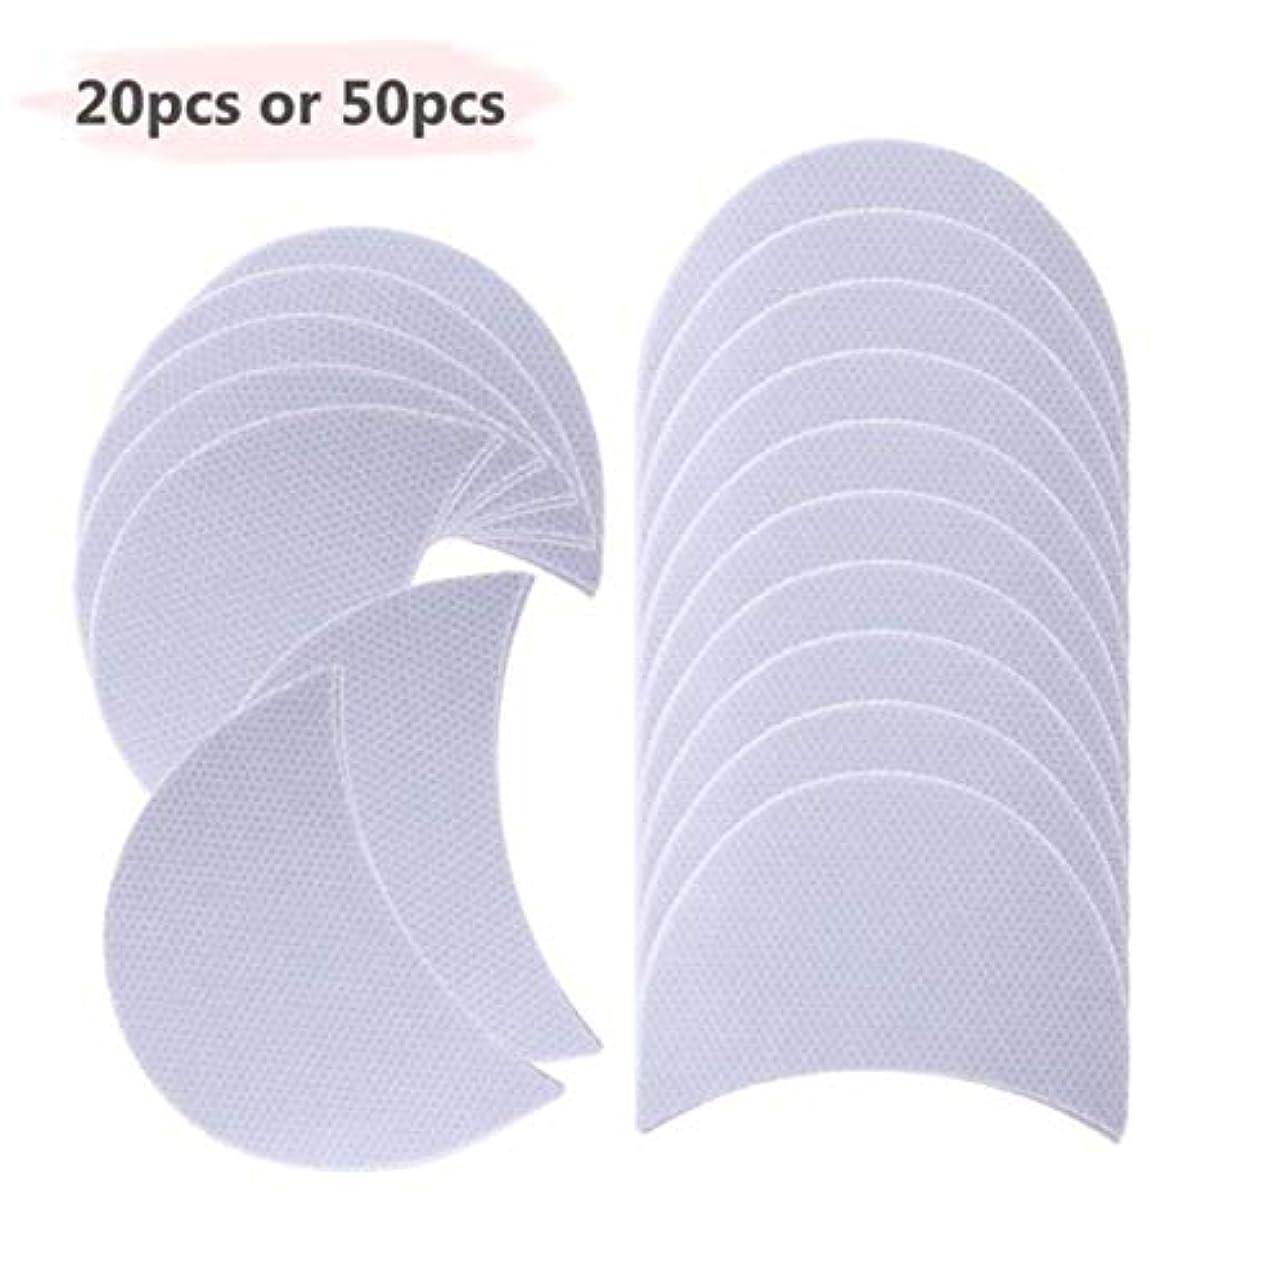 アイシャドウシールドパッチつづきパッド下翼付きアイライナーステッカー化粧品レディース化粧品アイシャドウ紙(白)